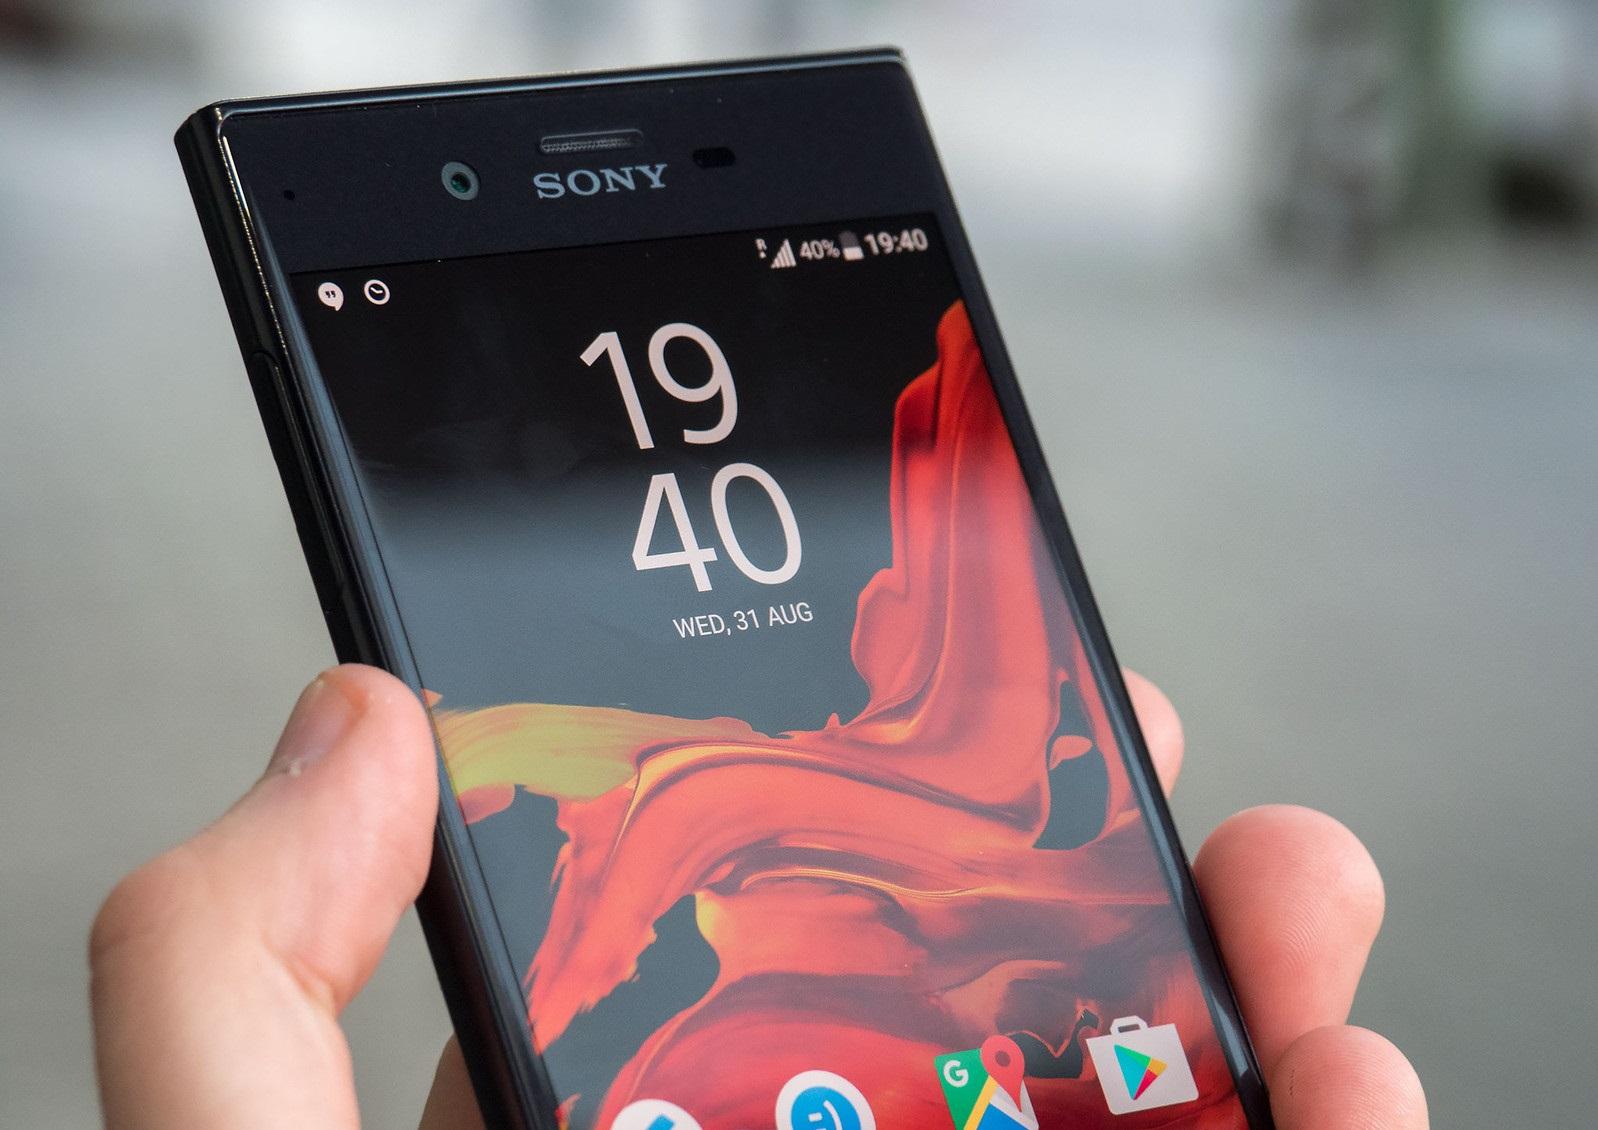 obzor-smartfona-sony-xperia-xz-vozvrashhenie-flagmana-dizajjn-i-zhelezo-3